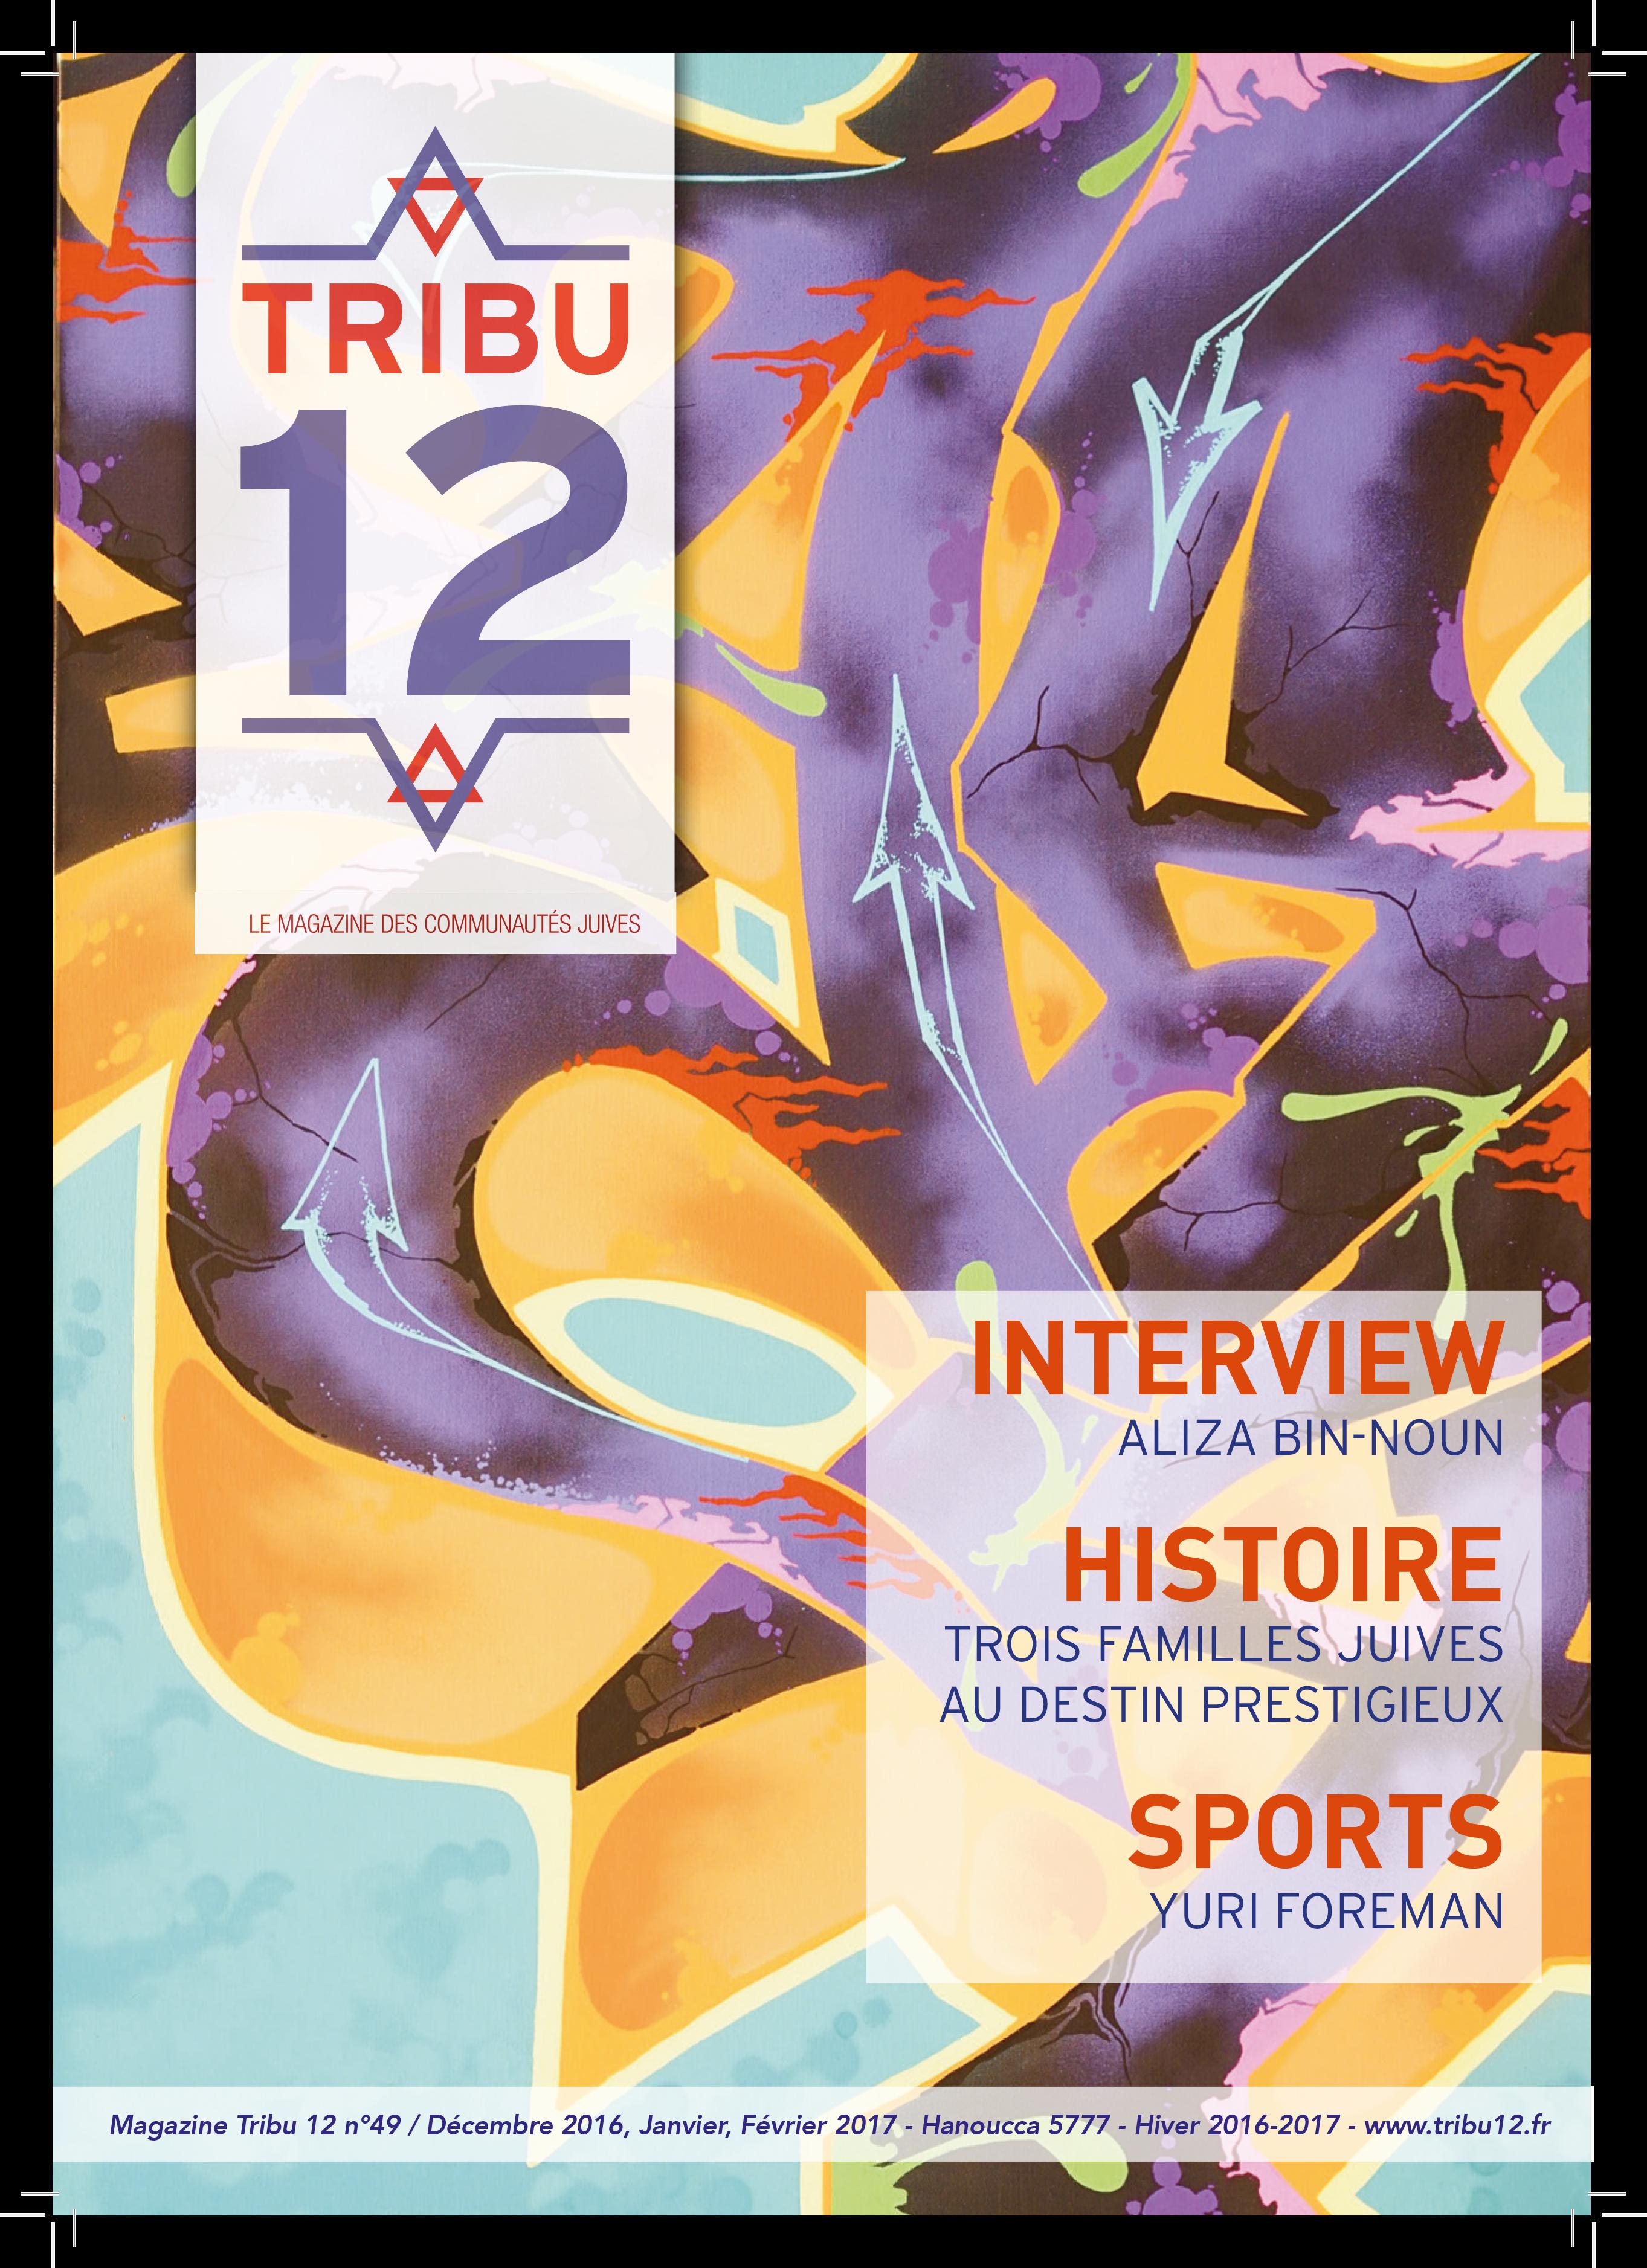 Tribu 12 N° 49